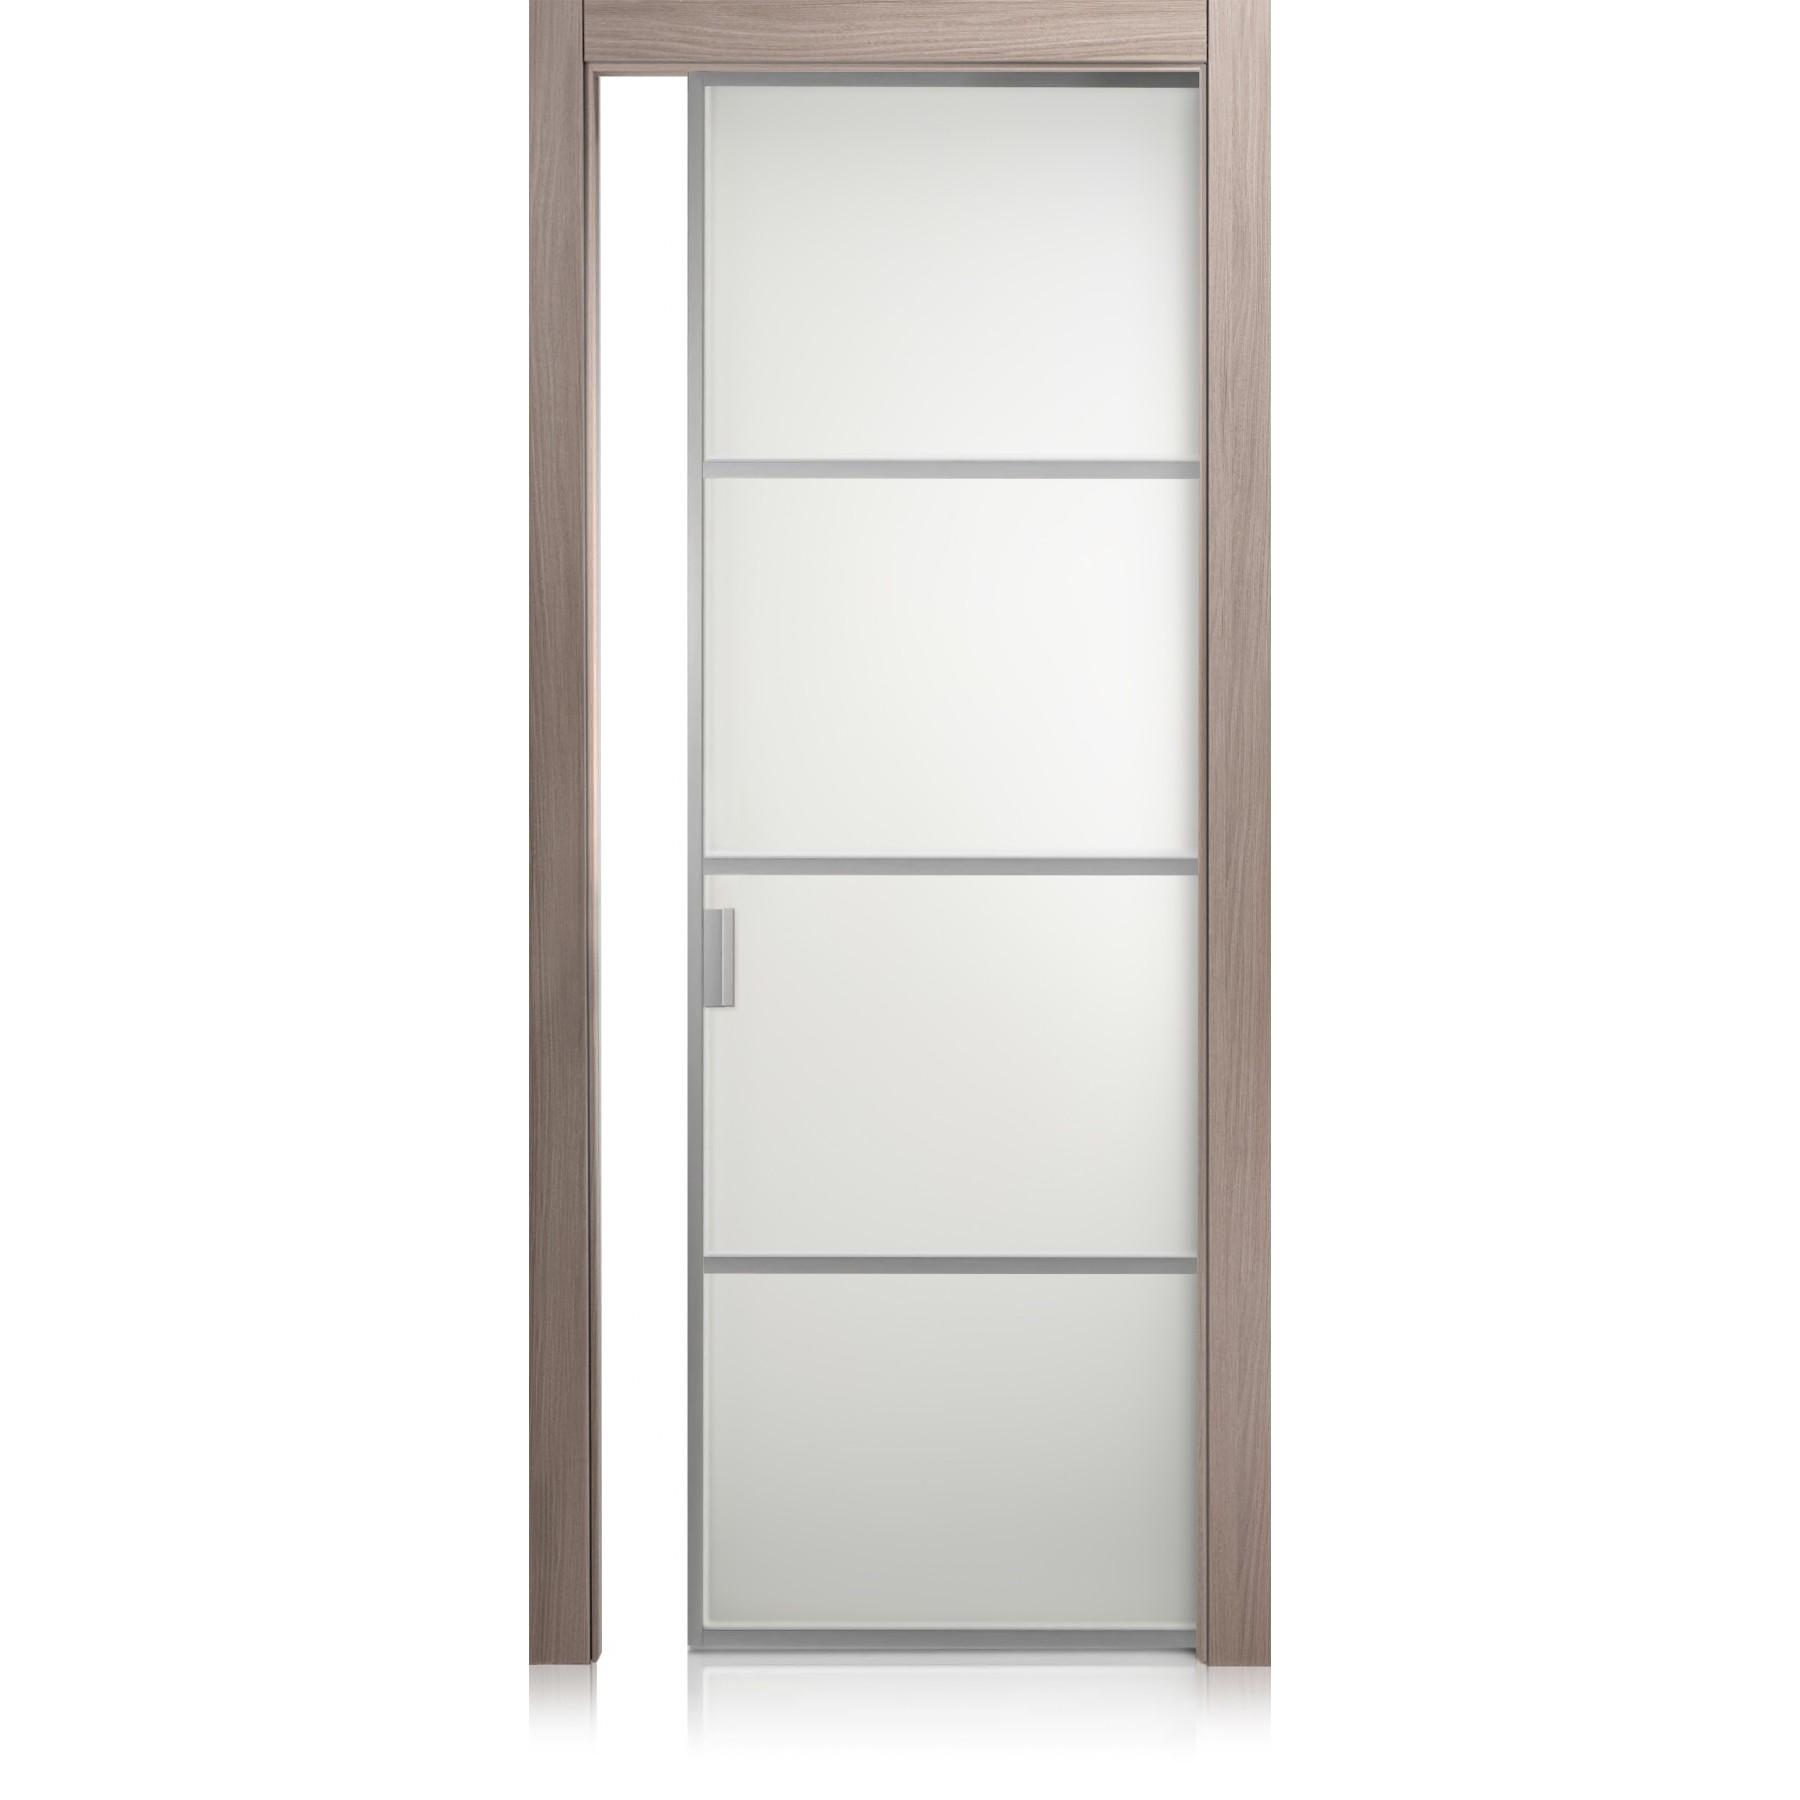 Porta Cristal Frame / 3 ontario polvere